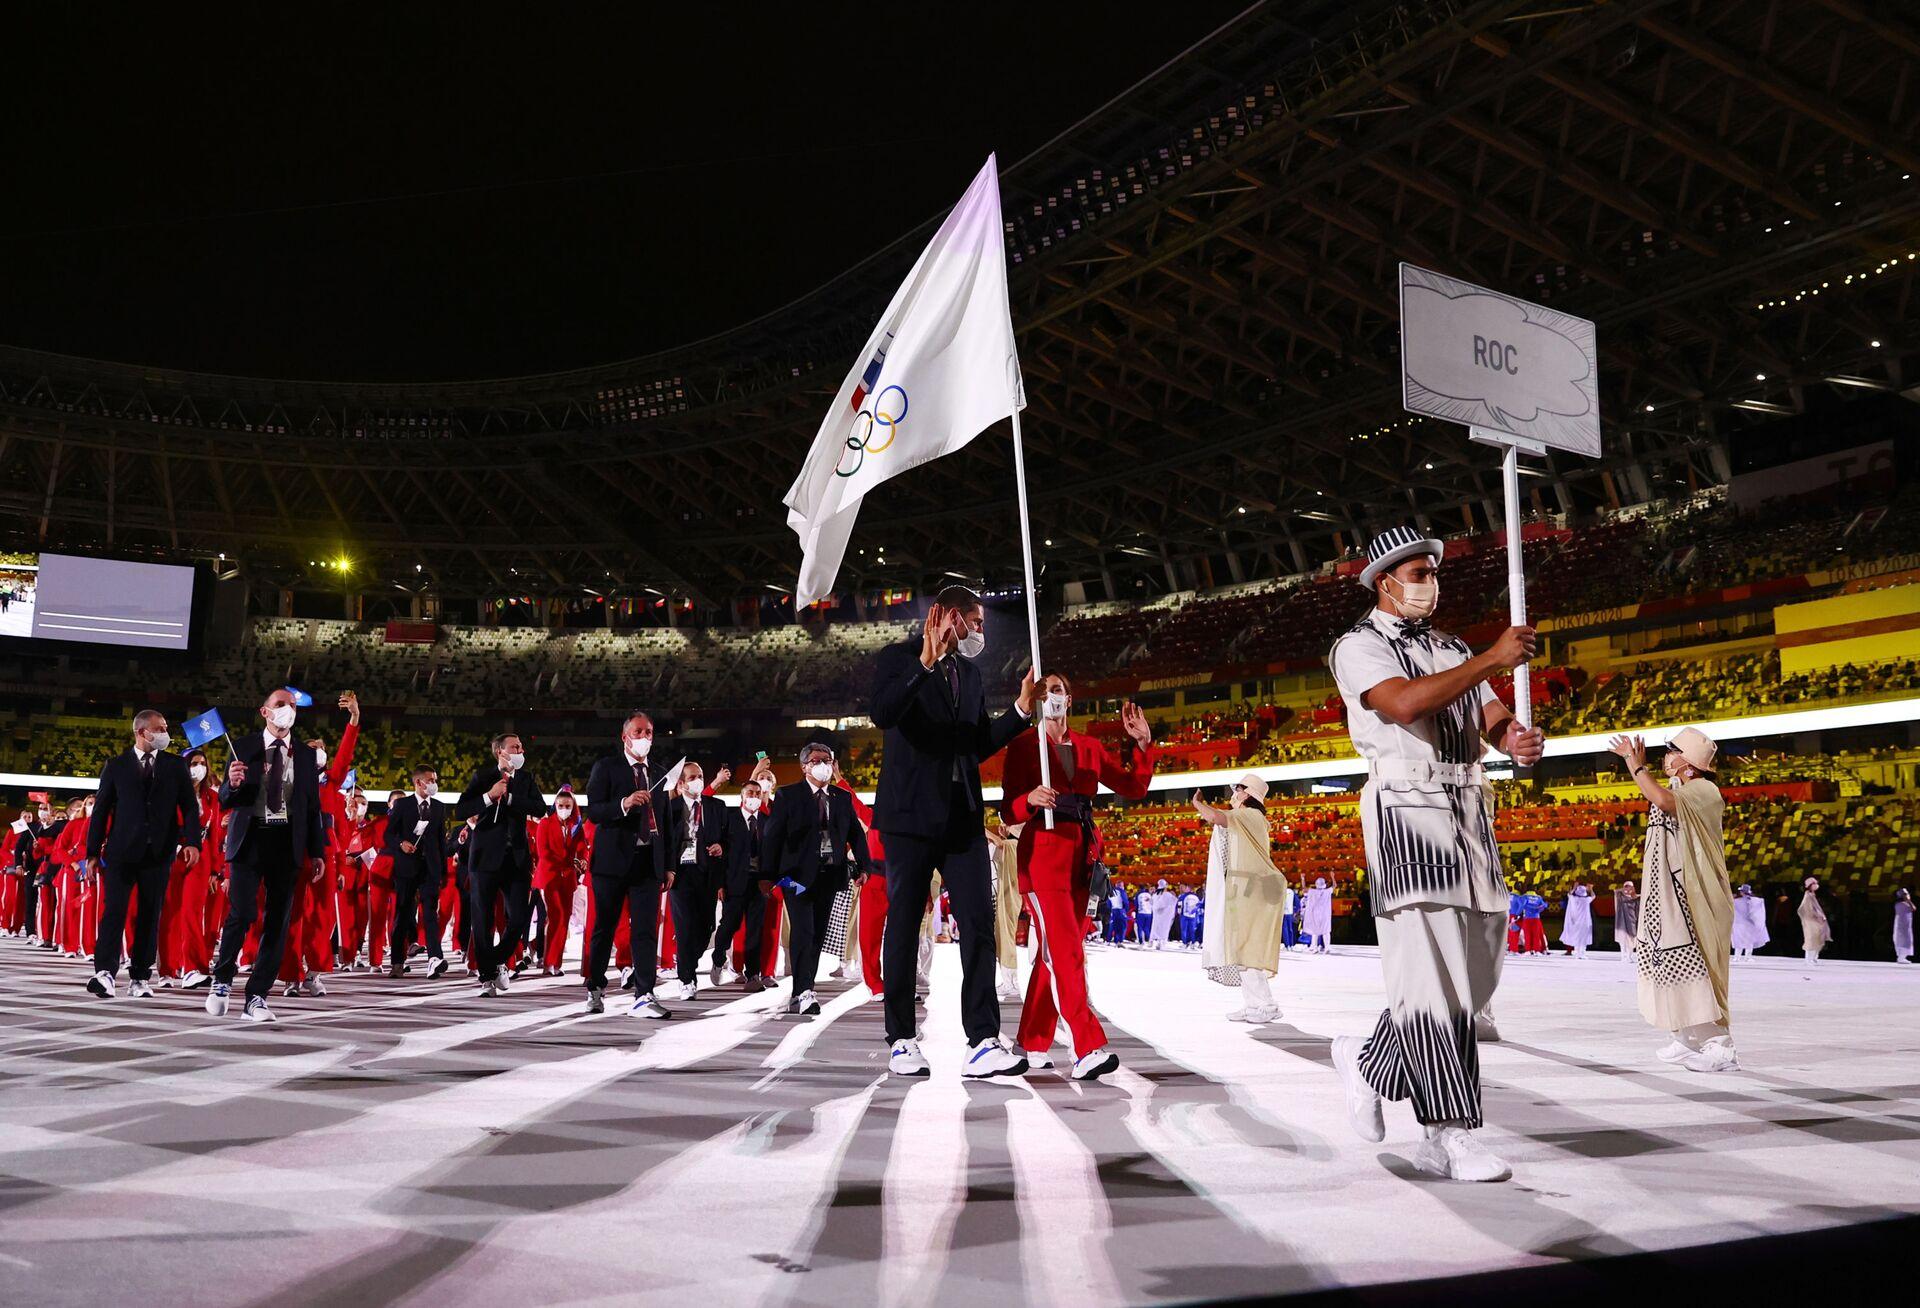 Rusya bayrağı veya marşının çalınması yasak olduğu oyunlarda 335 Rus sporcu ROC adı altında bağımsız olarak boy gösterecek. Rus sporcular oyunlar sırasında üzerinde Rusya bayrağı bulunan olimpiyat sembolü olan ROC sembolünü kullanabilecek. Rusya'yı temsil eden hiçbir sembol hiçbir şekilde oyunlarda kullanılmayacak. - Sputnik Türkiye, 1920, 10.08.2021